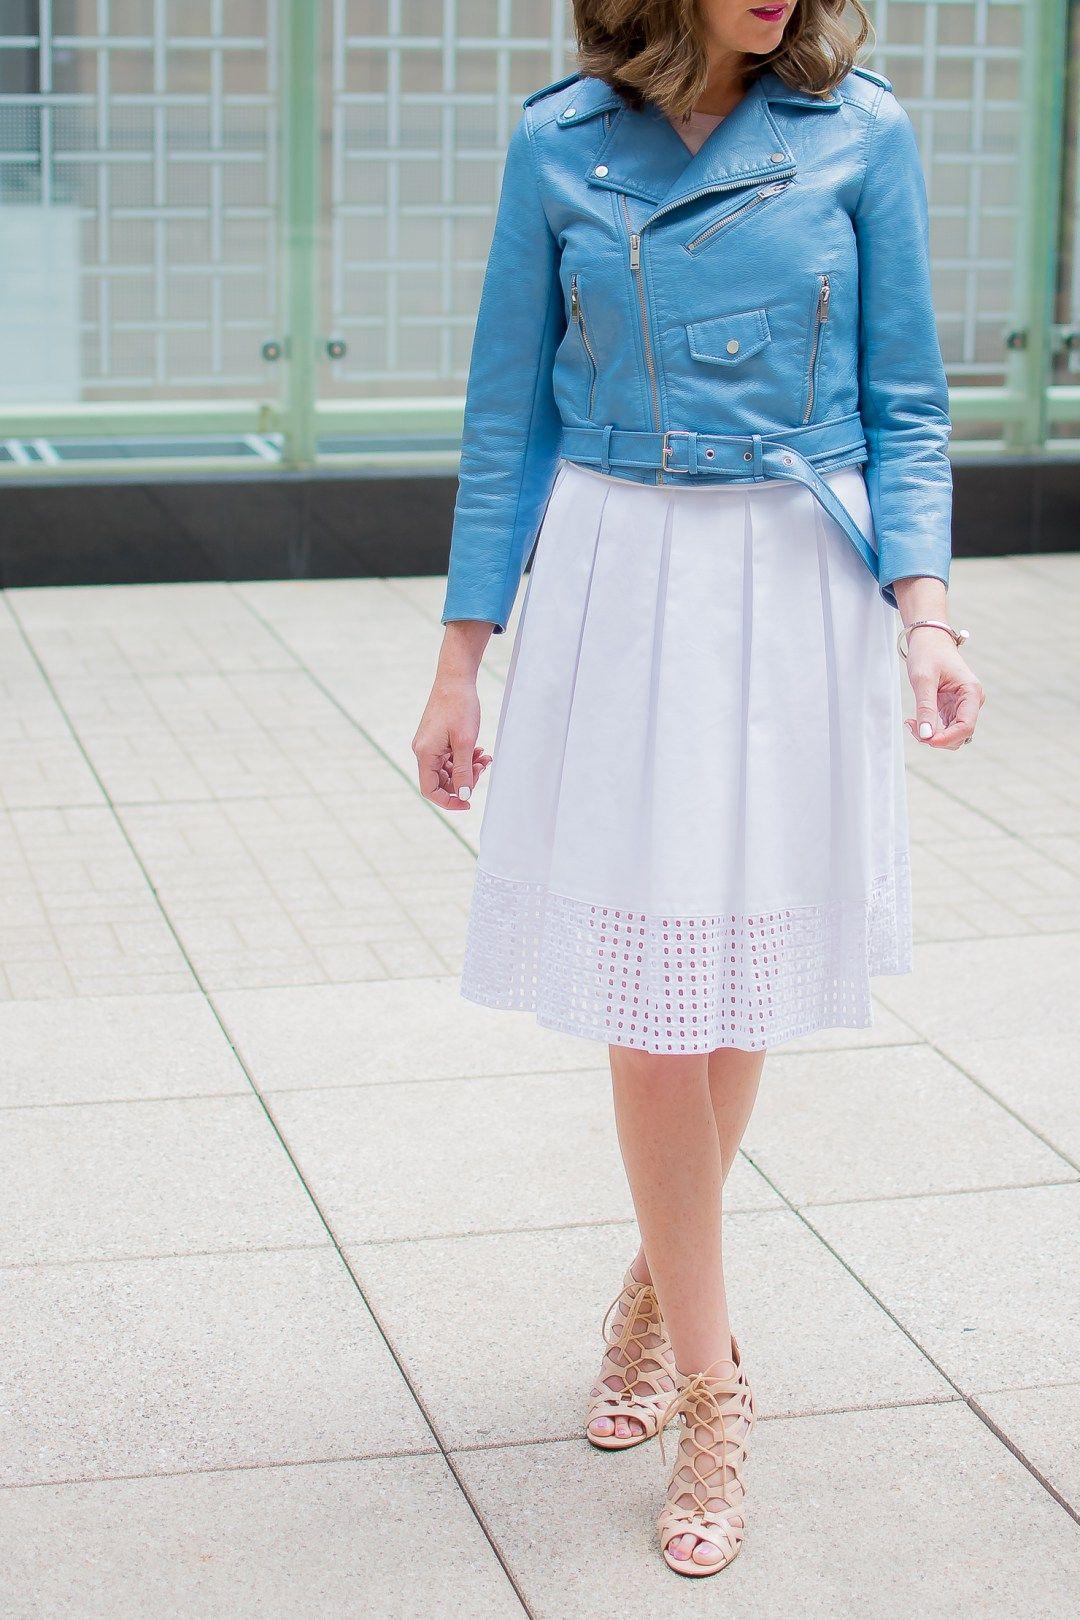 da292bc14 zara-blue-cropped-moto-jacket-white-eyelet-midi-skirt-chicago-terrace-lace- up-heels-peninsula-hotel